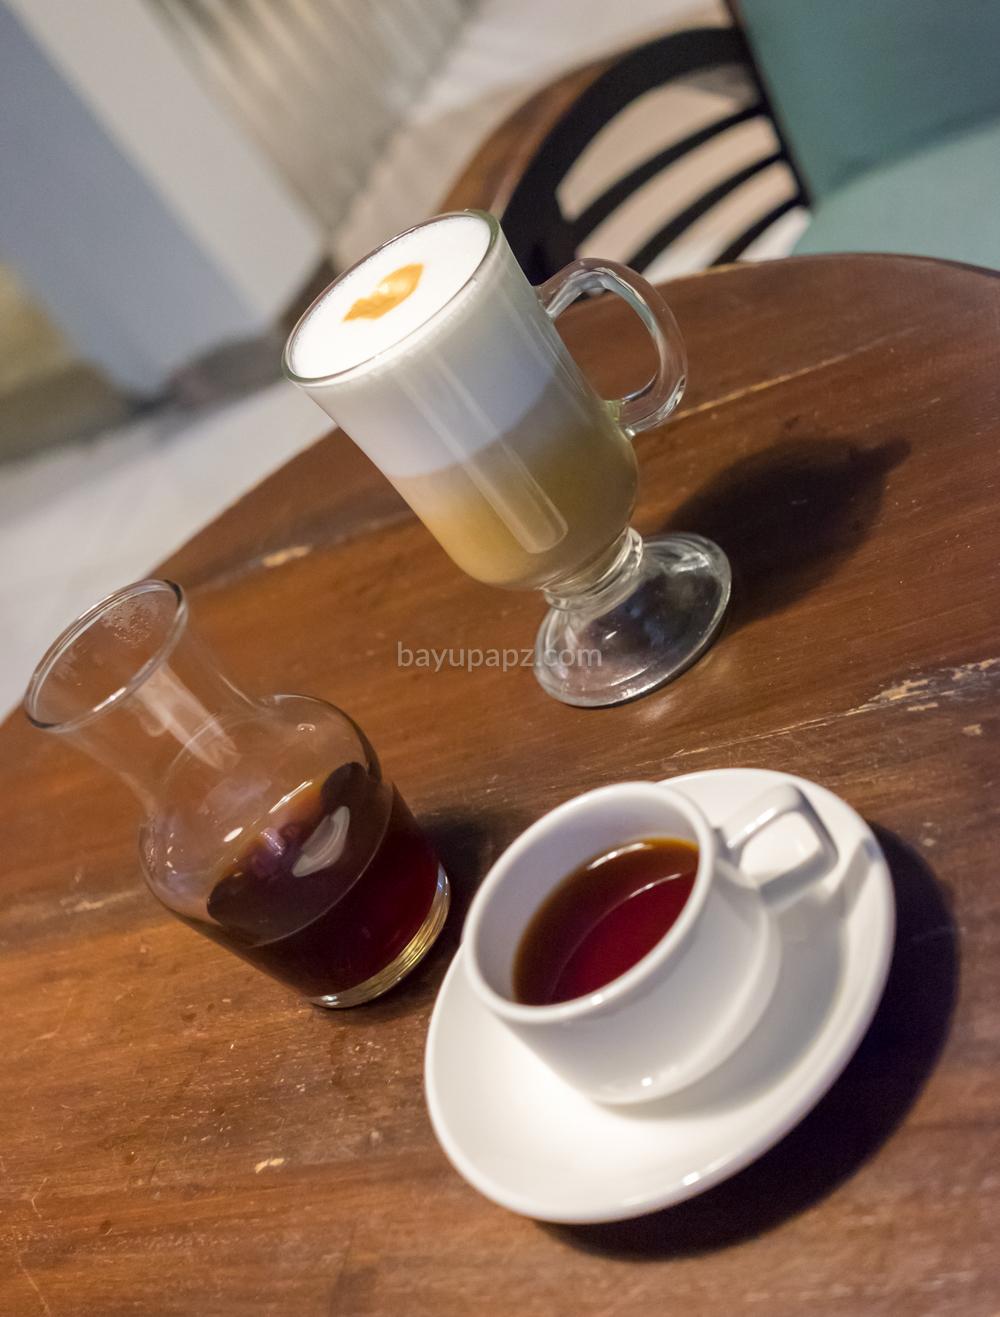 tempat ngopi enak rumah kopi ranin bogor 4